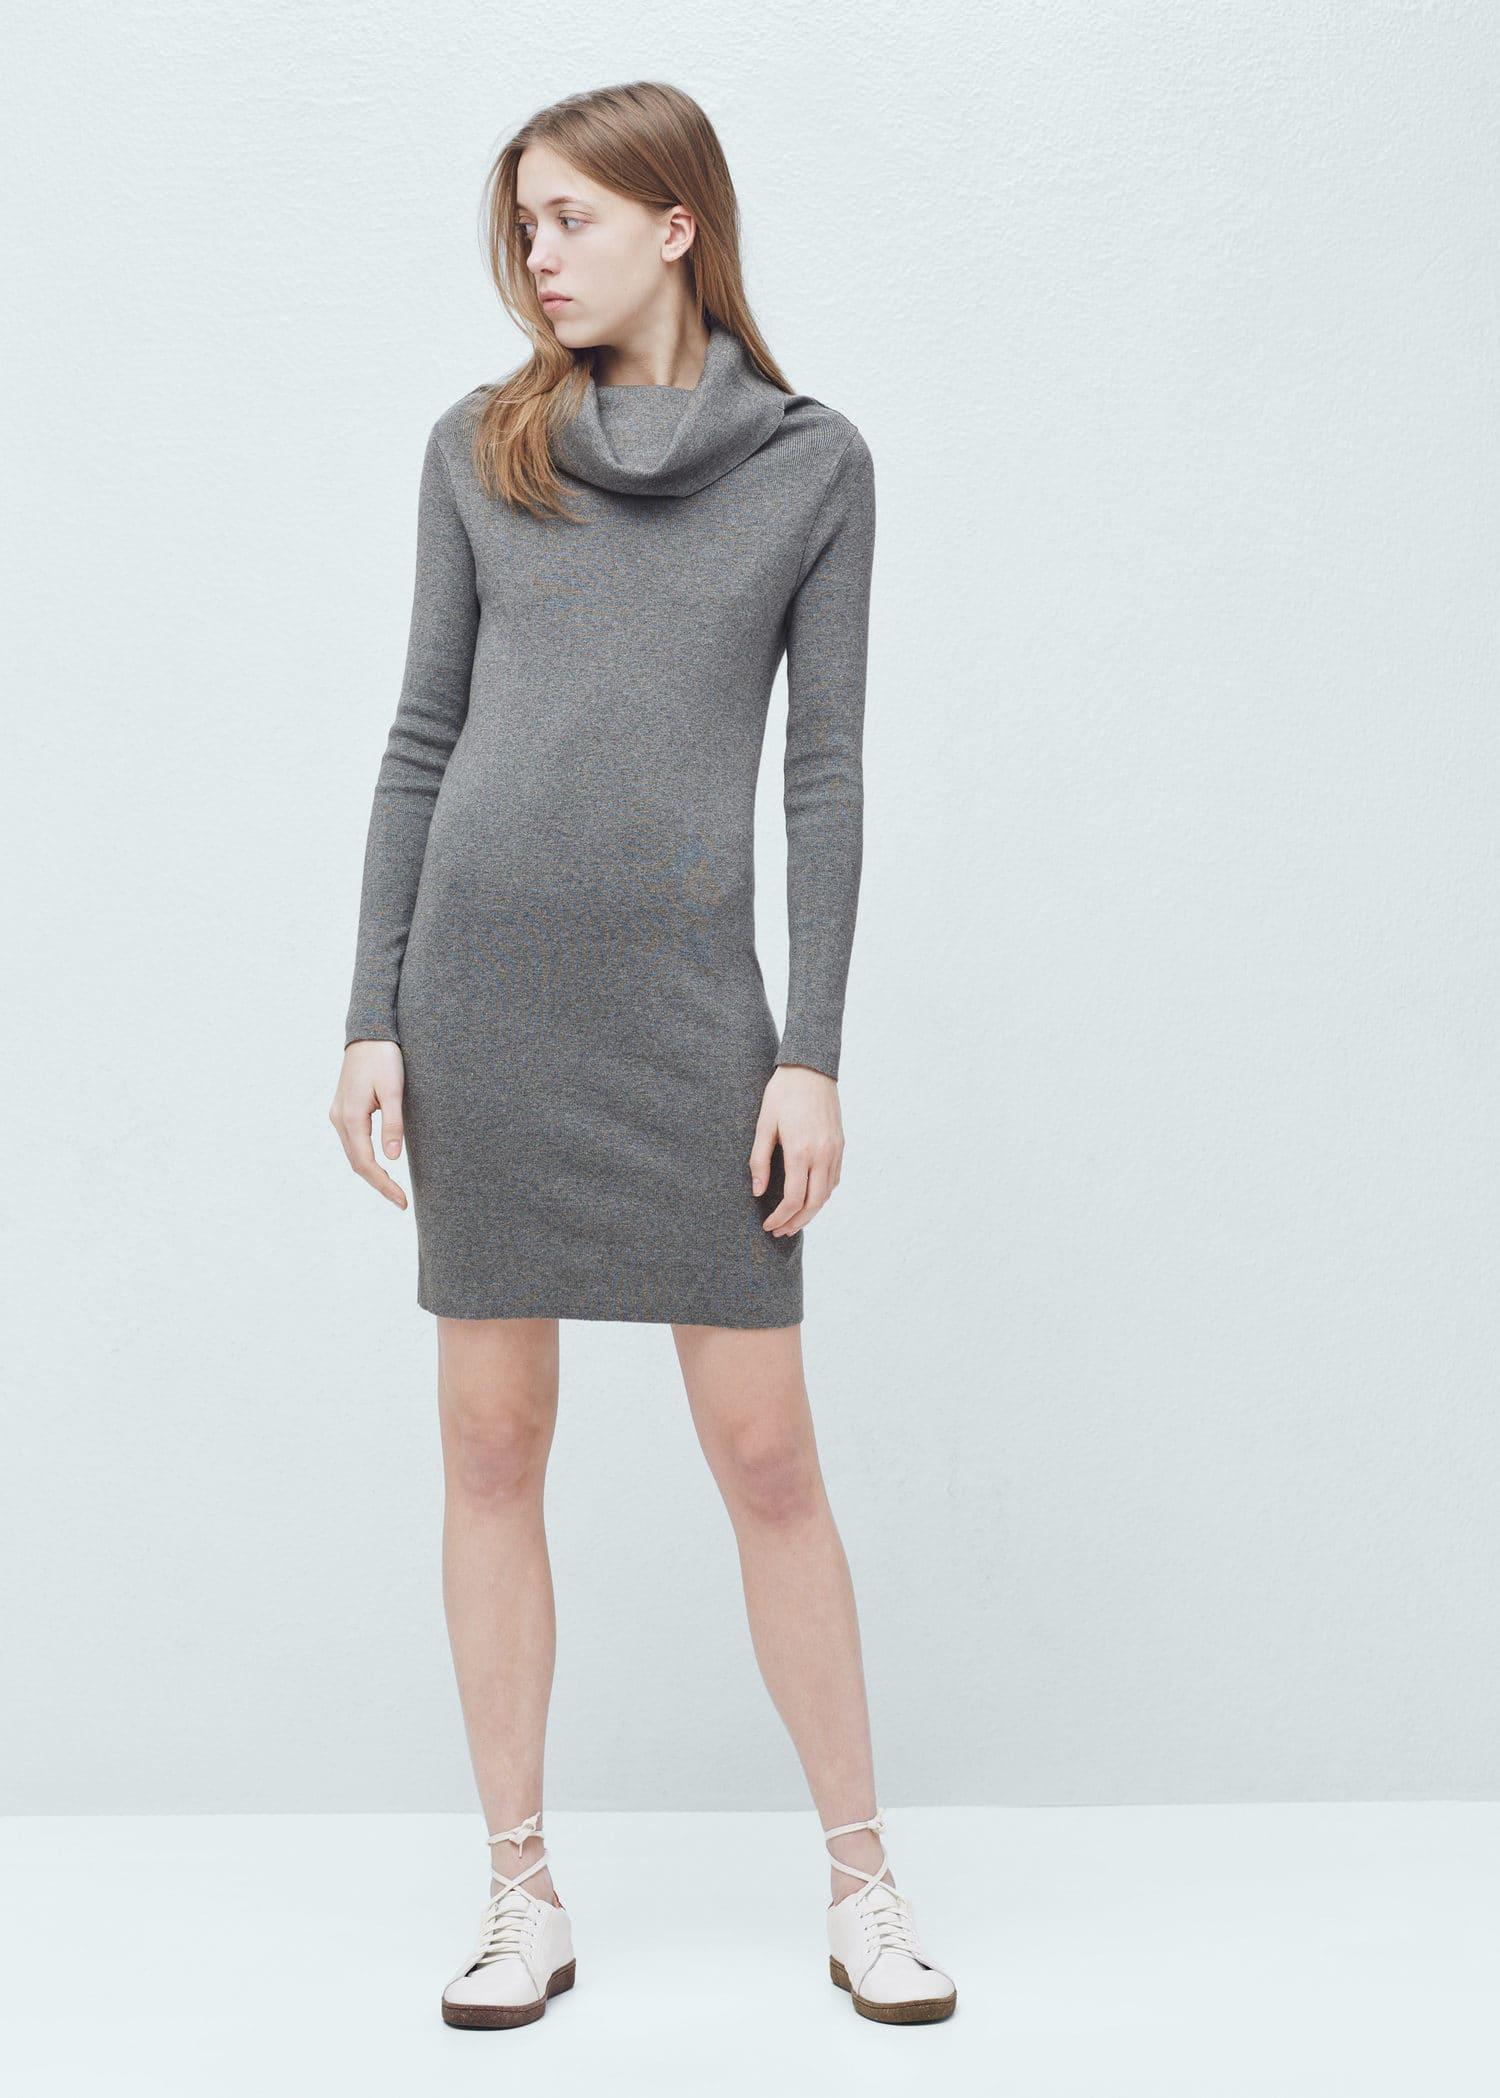 Blend Dress Knit Knit Cotton Blend Dress Cotton Knit Cotton 8w00HOqB